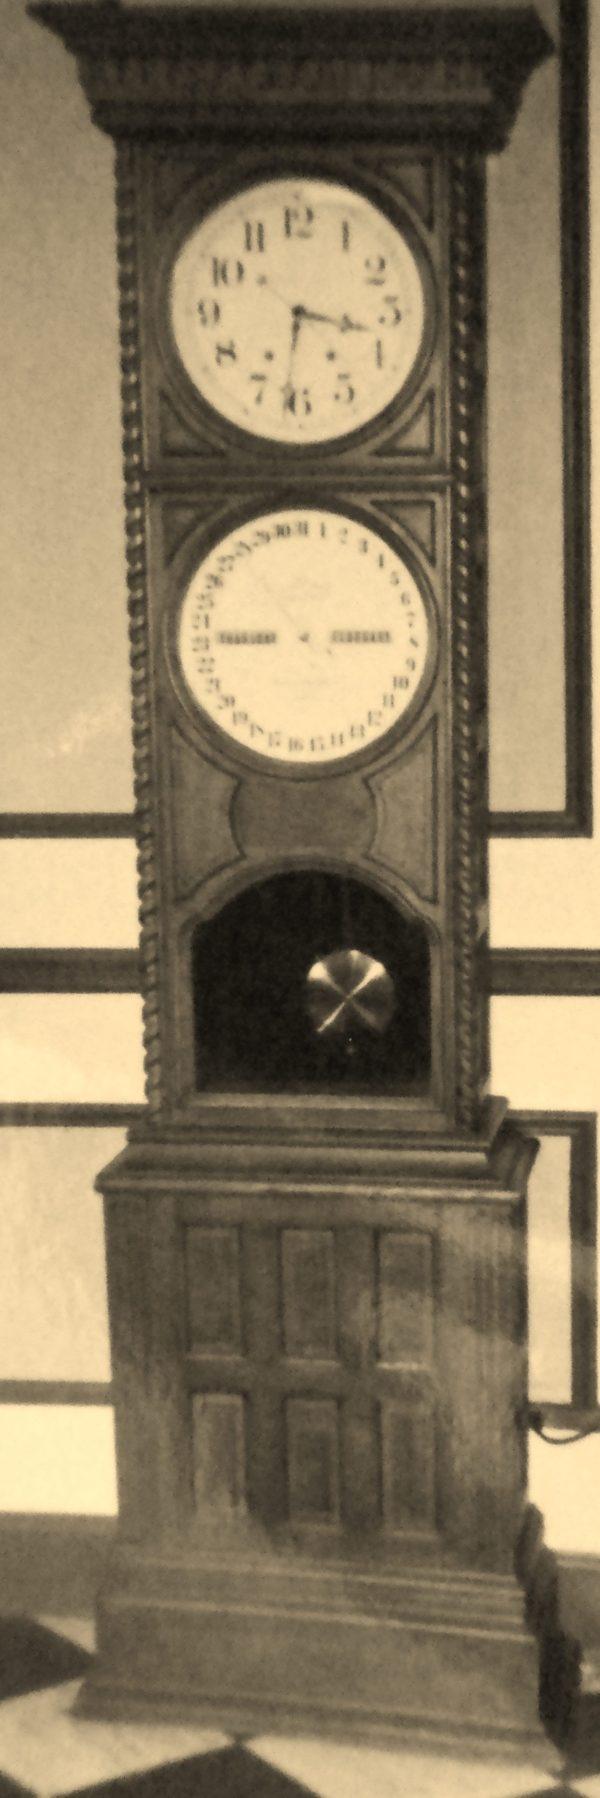 Ithaca Clock Museum-iccco